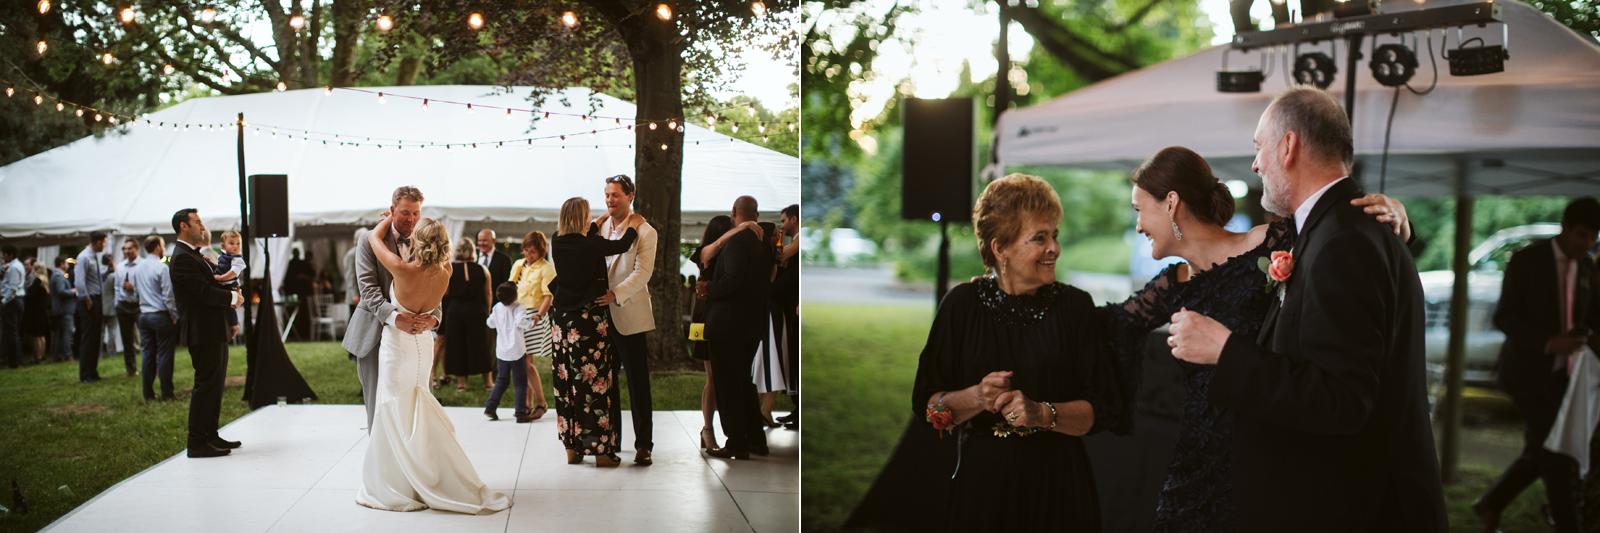 183-daronjackson-gabby-alec-wedding.jpg